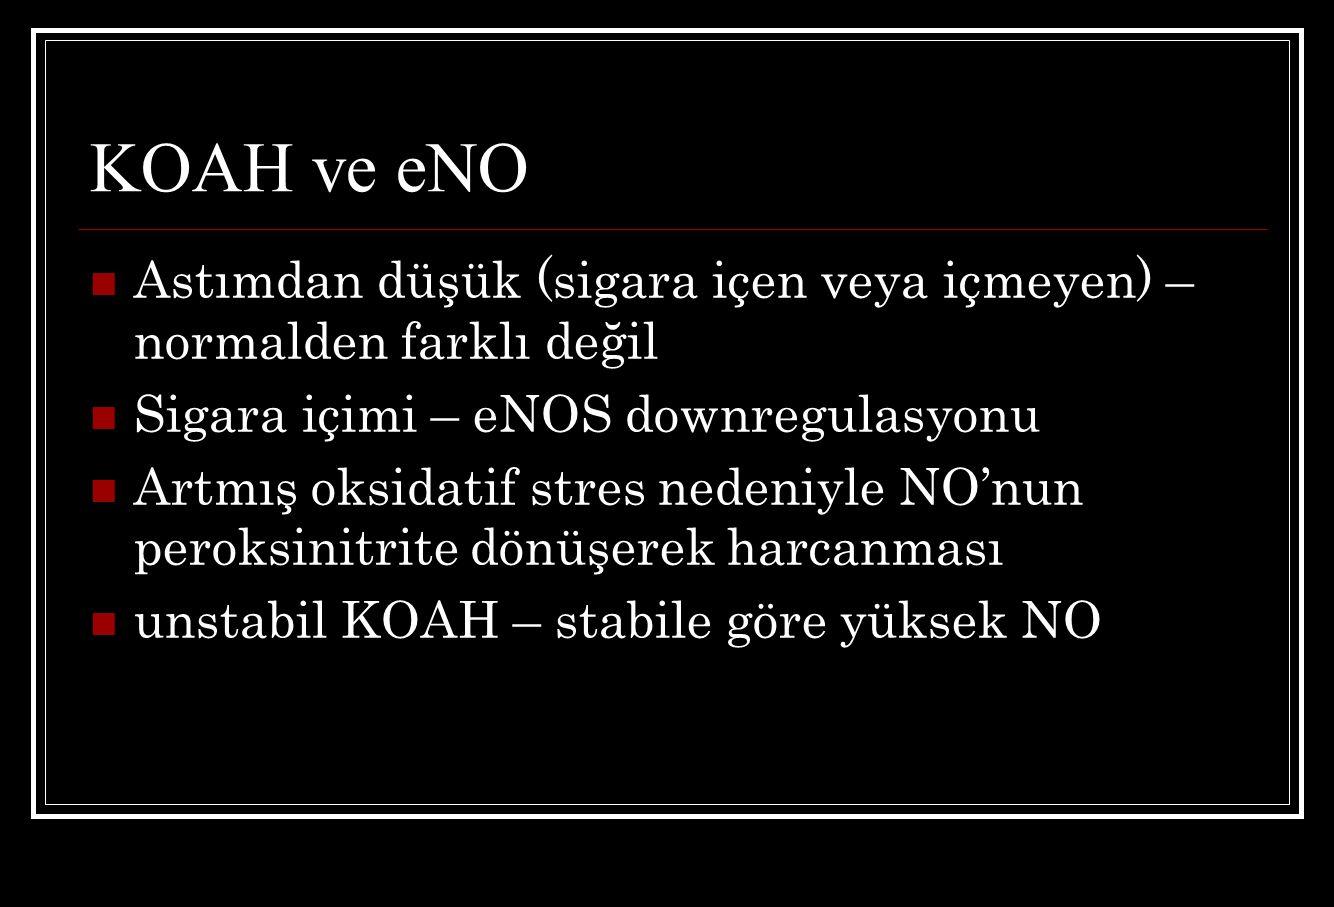 KOAH ve eNO Astımdan düşük (sigara içen veya içmeyen) – normalden farklı değil. Sigara içimi – eNOS downregulasyonu.